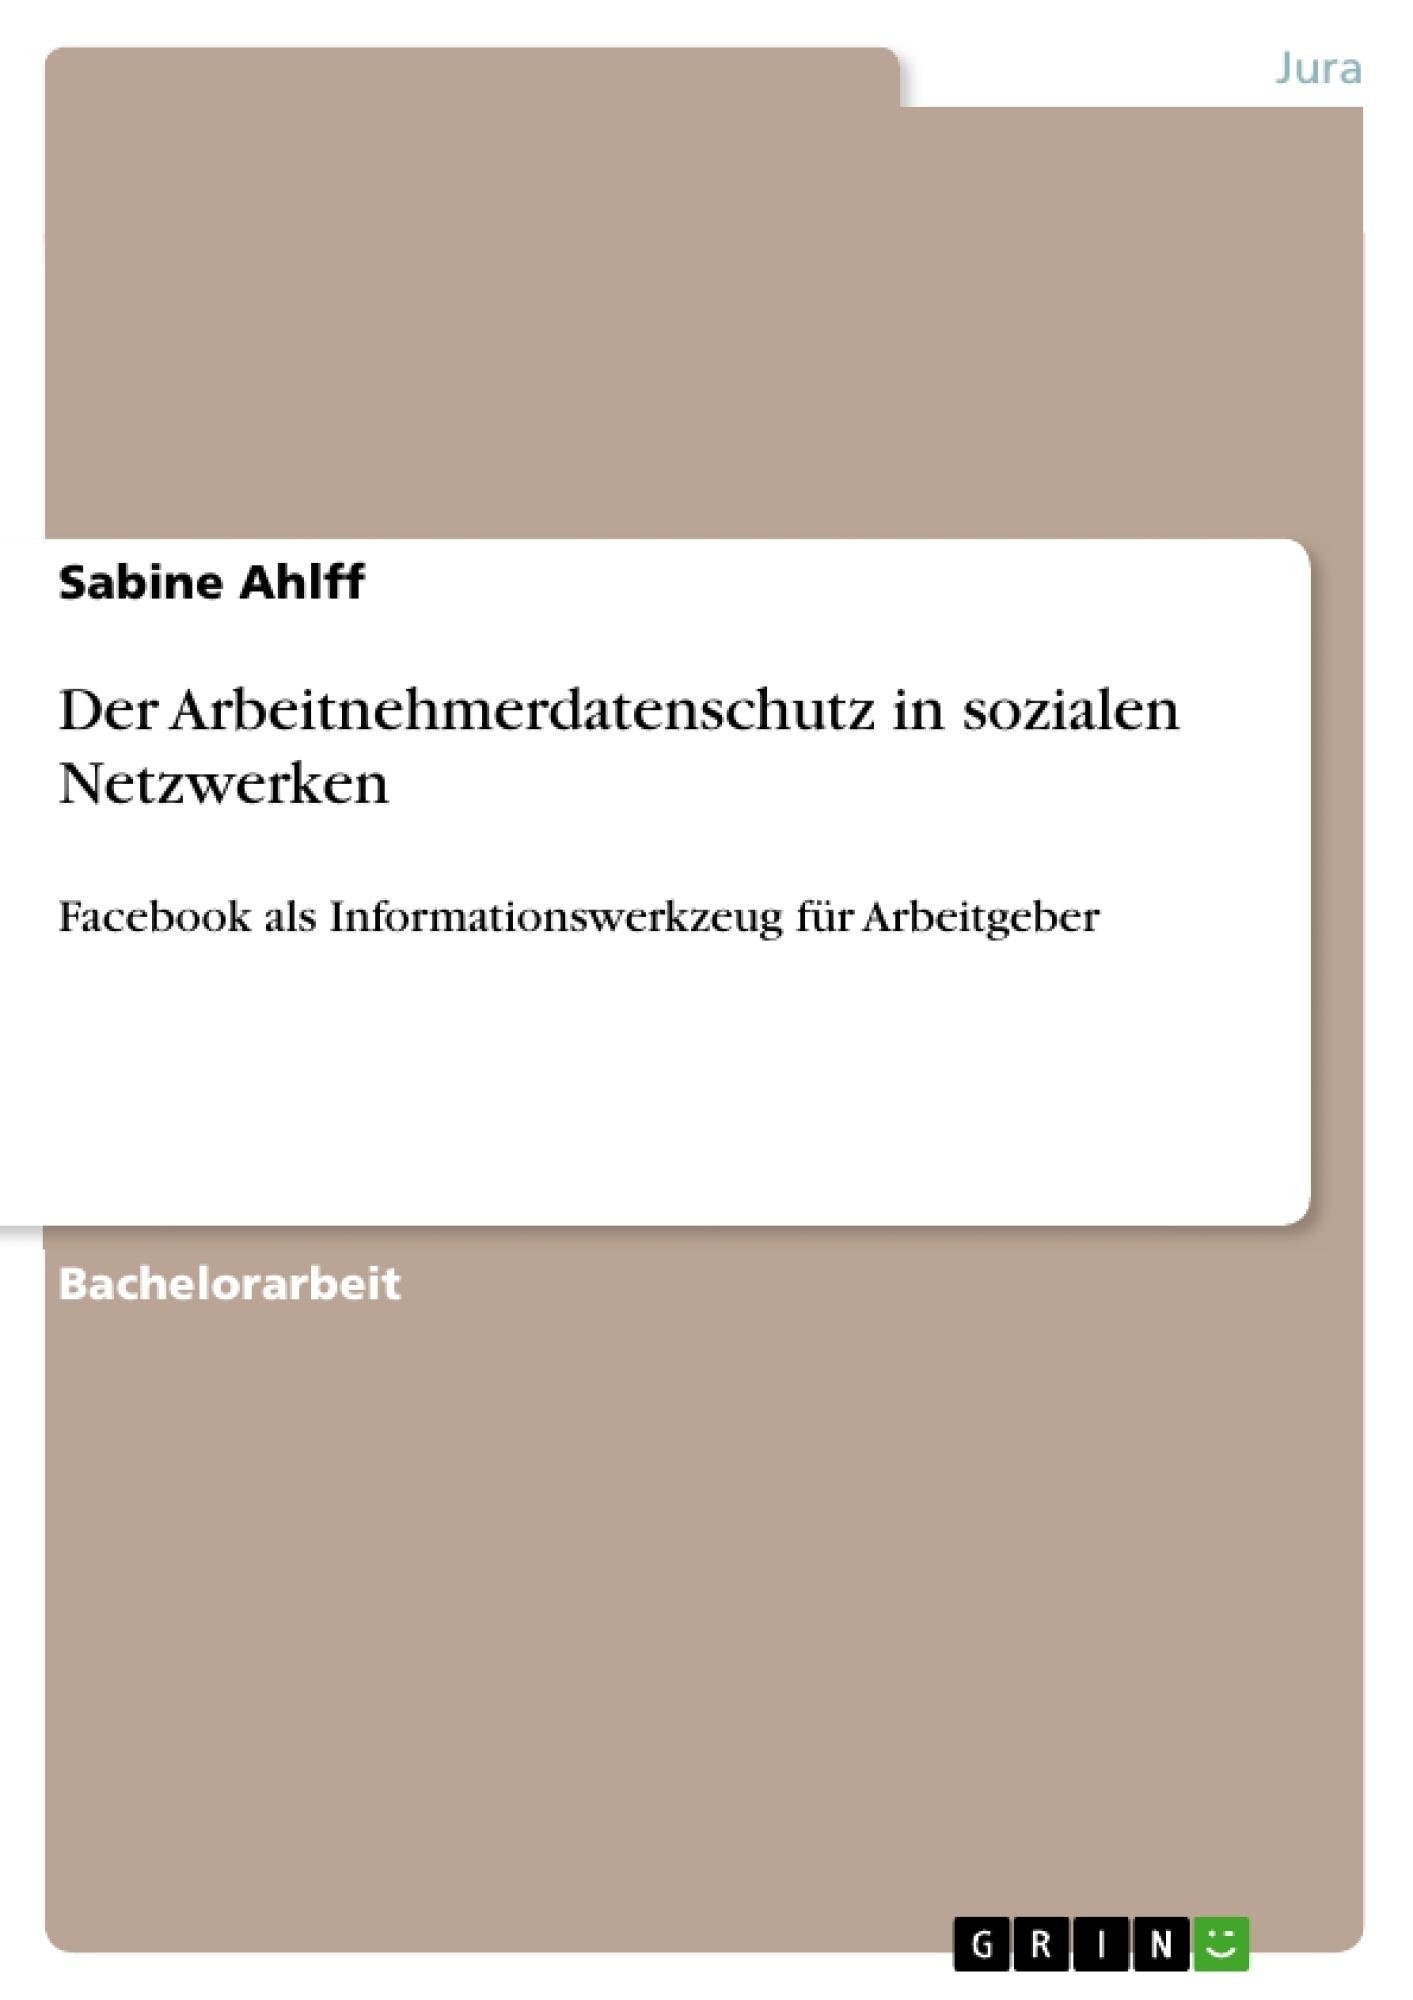 Titel: Der Arbeitnehmerdatenschutz in sozialen Netzwerken